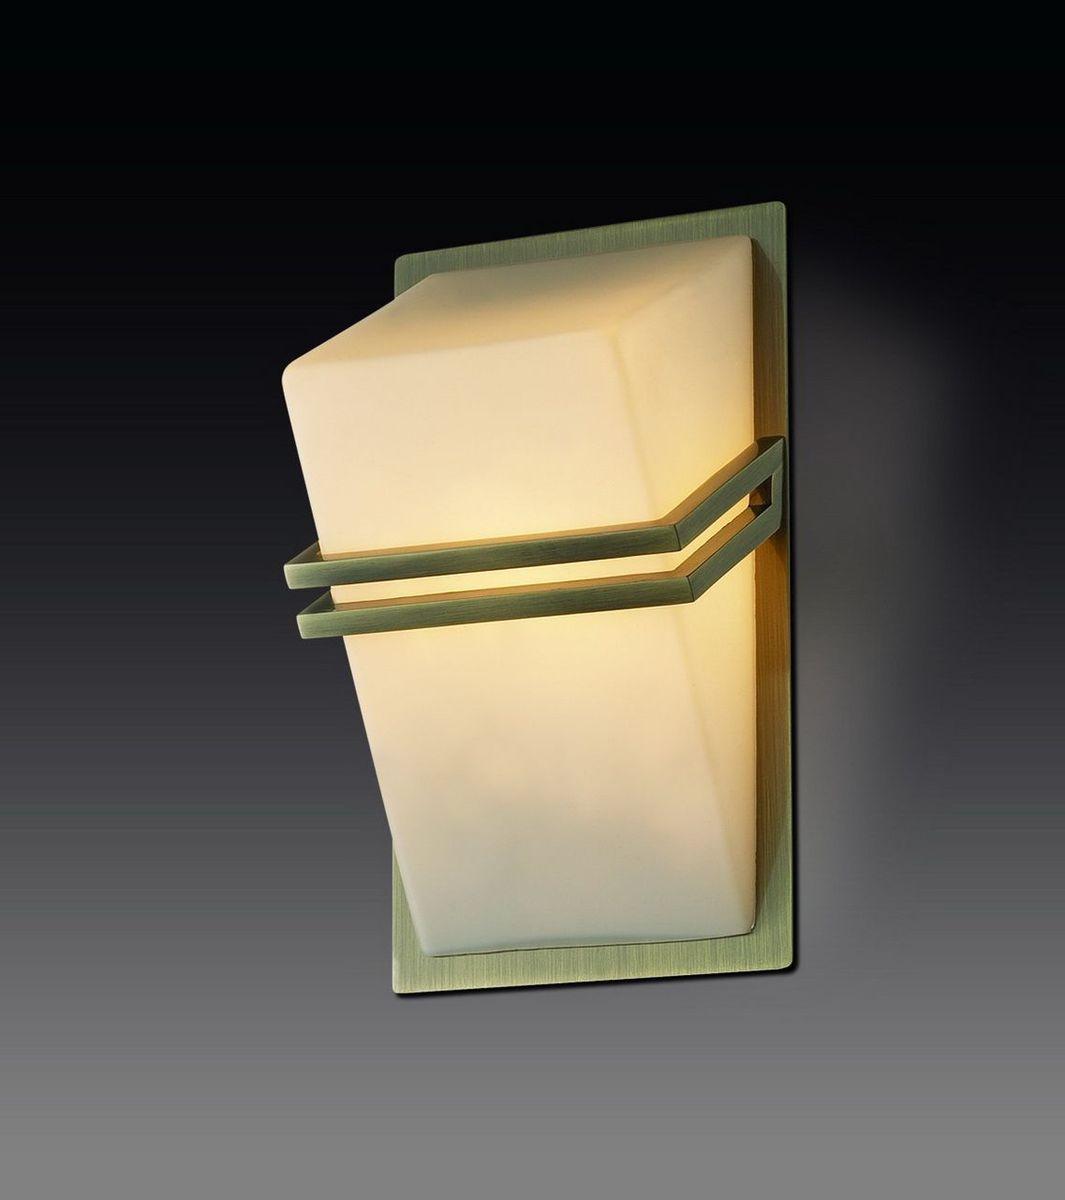 Светильник настенный Odeon Light Tiara, 1 х G9, 40W. 2023/1W2023/1W